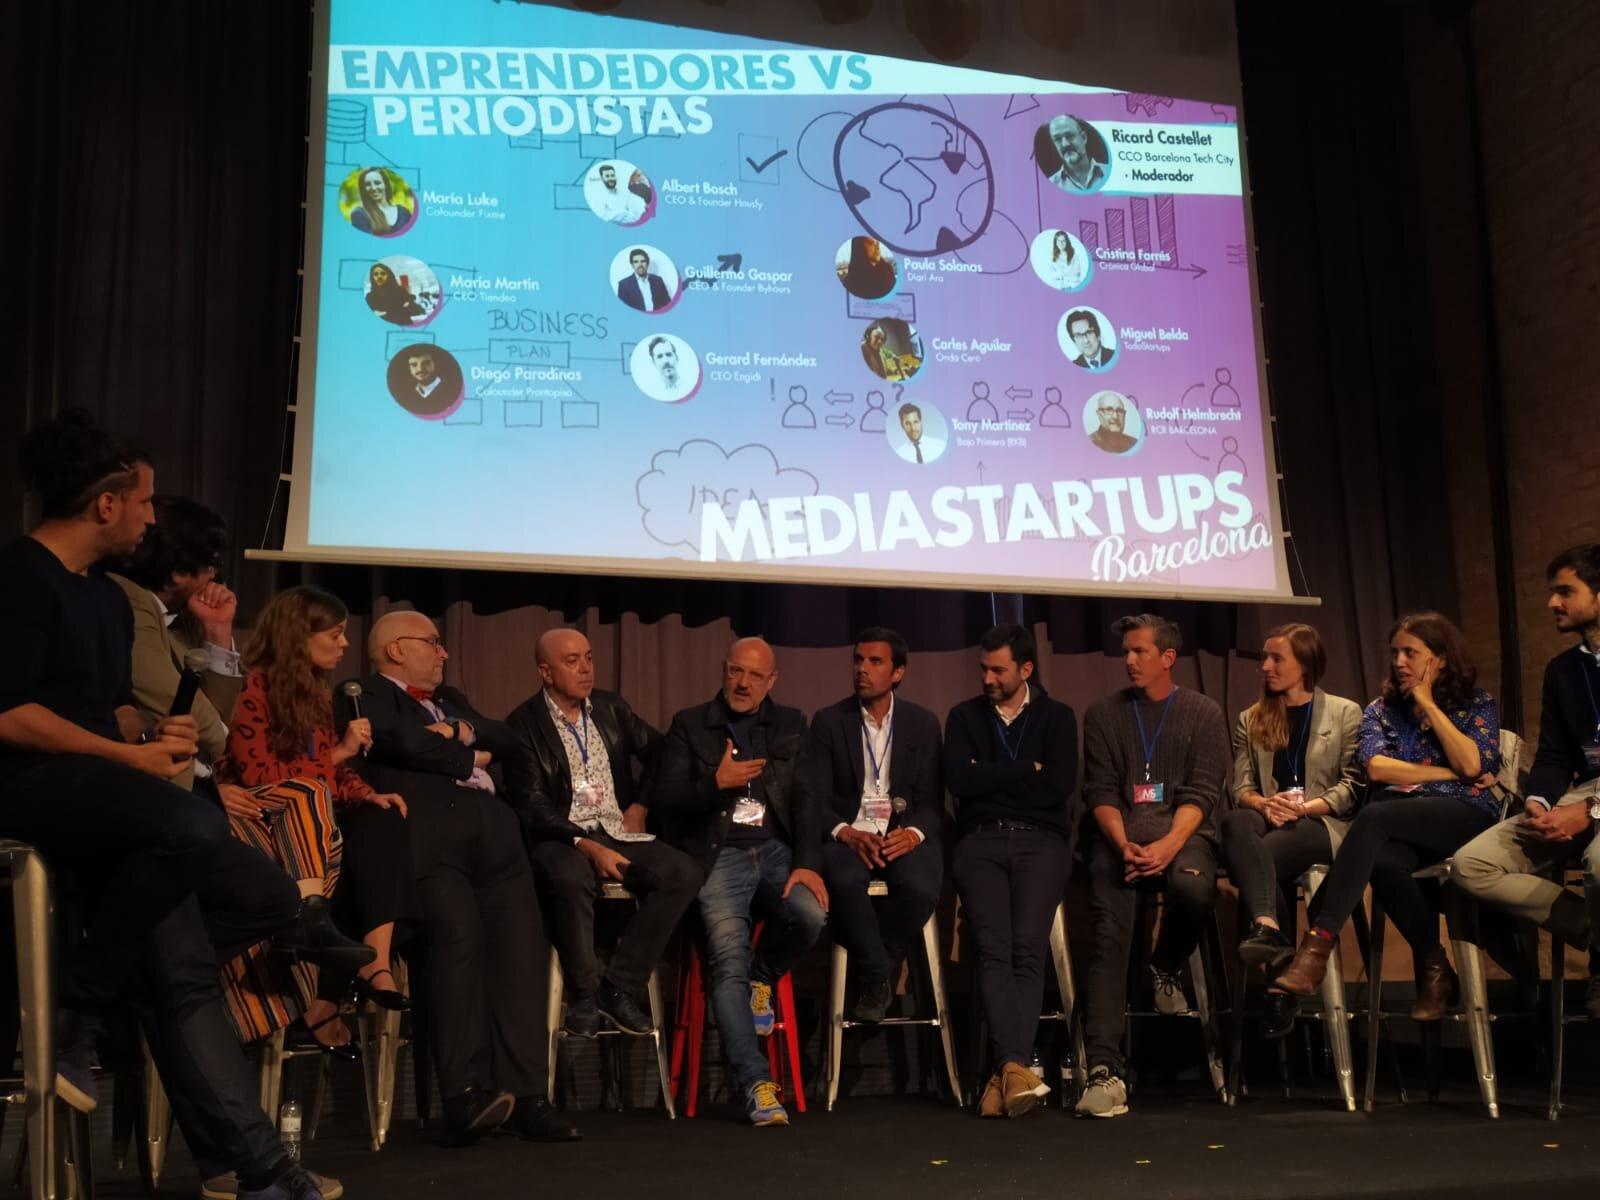 Mediastartups Barcelona celebra su primera edición con la presencia de más de 250 emprendedores